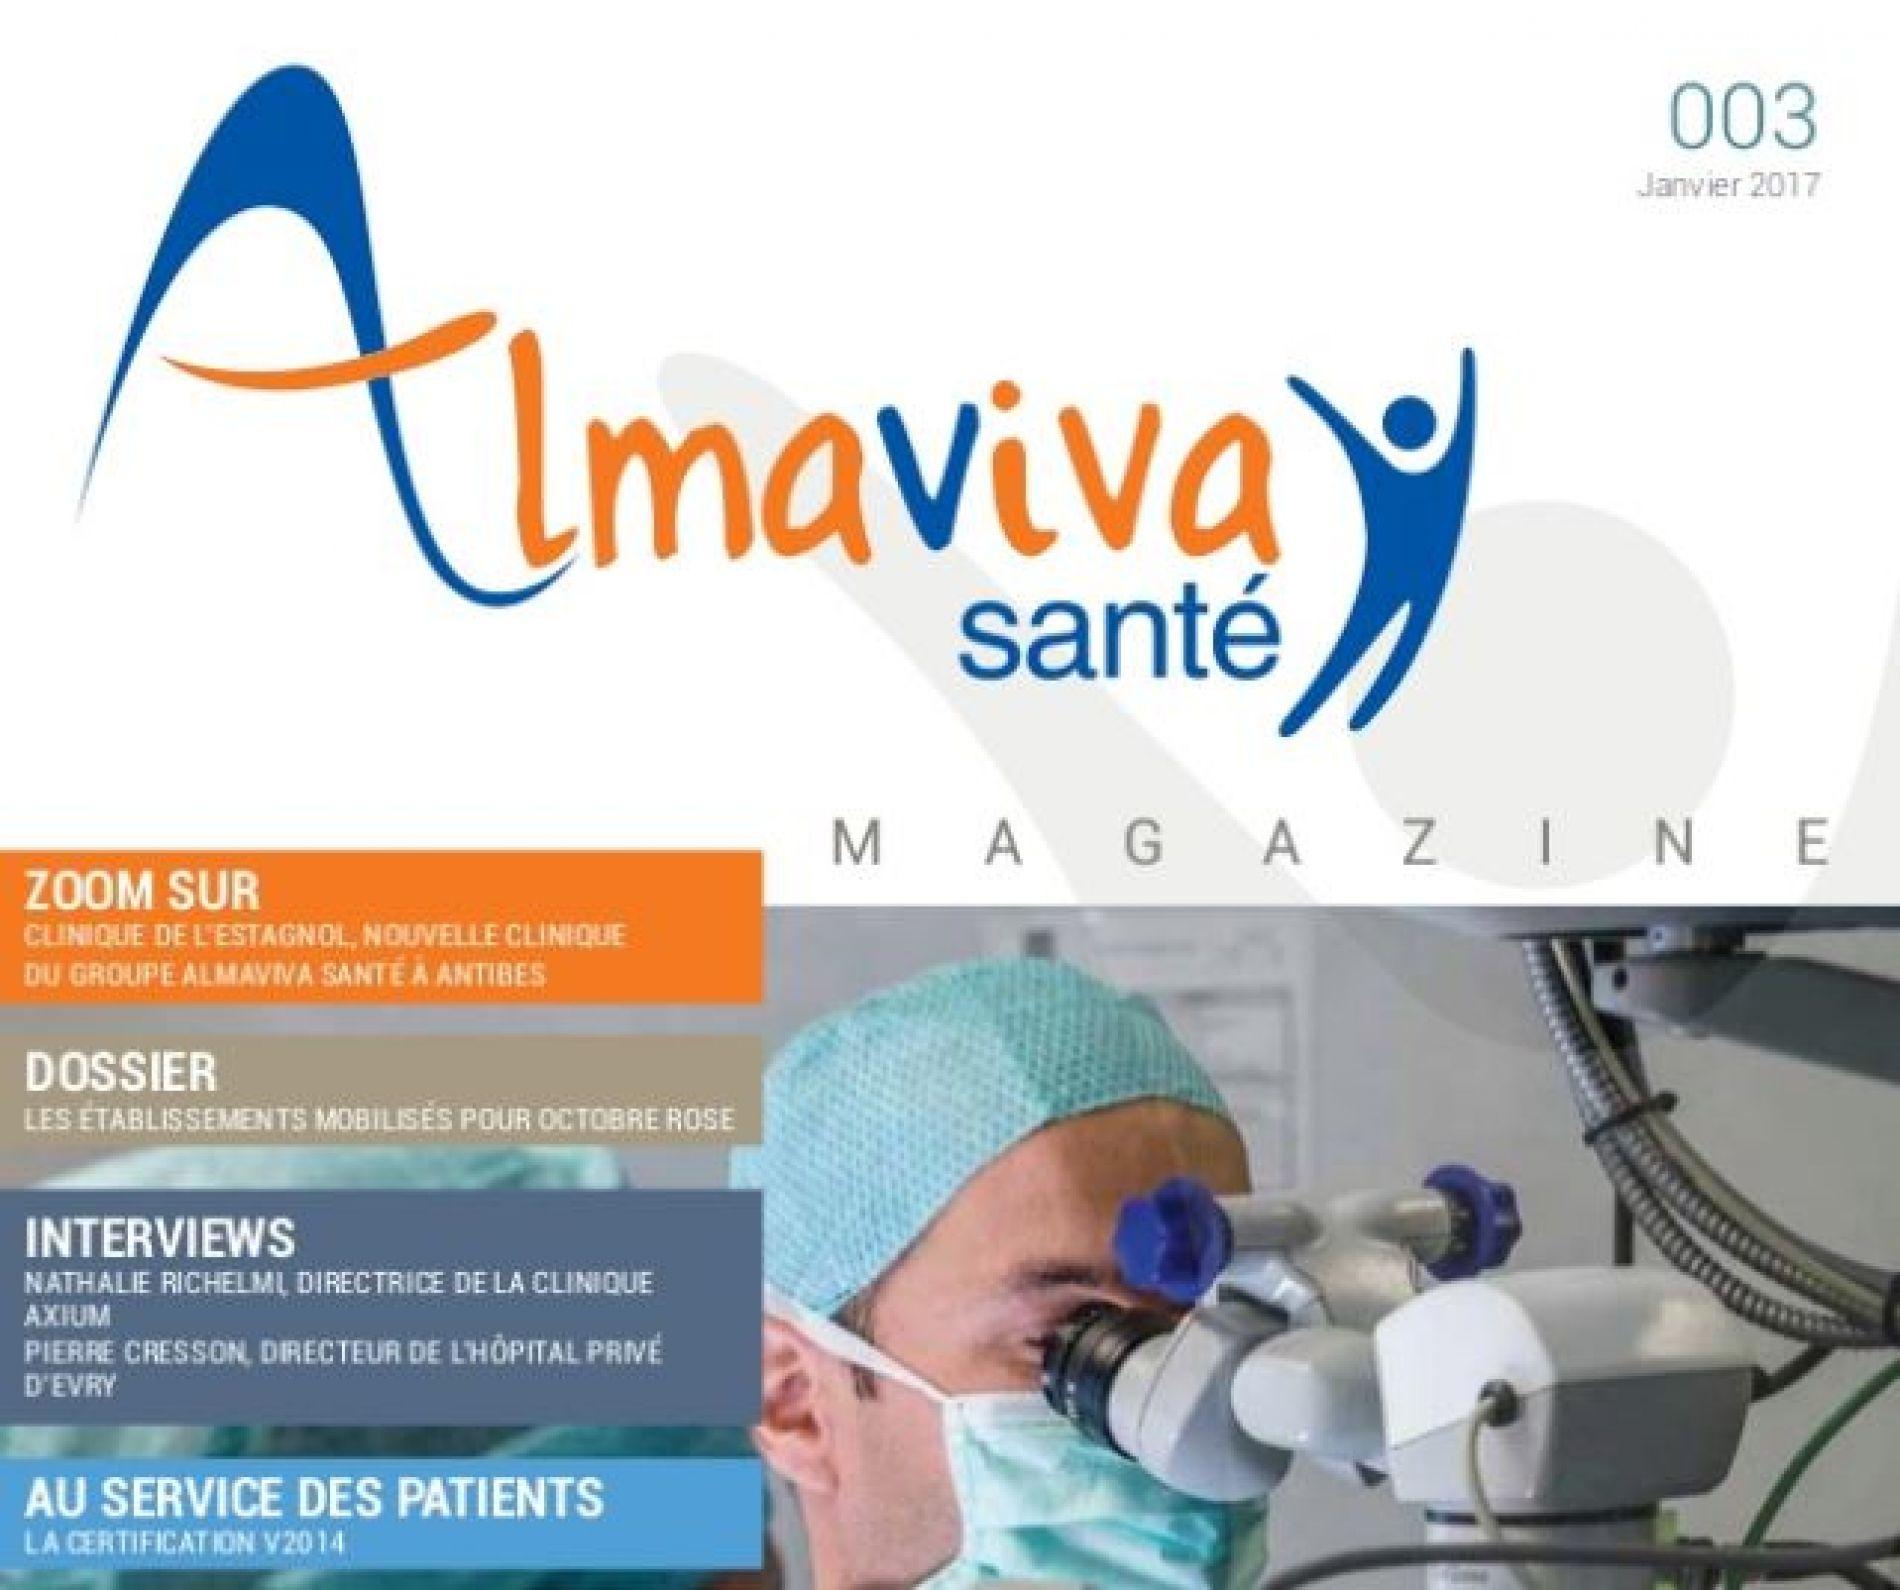 3ème édition du magazine Almaviva Santé